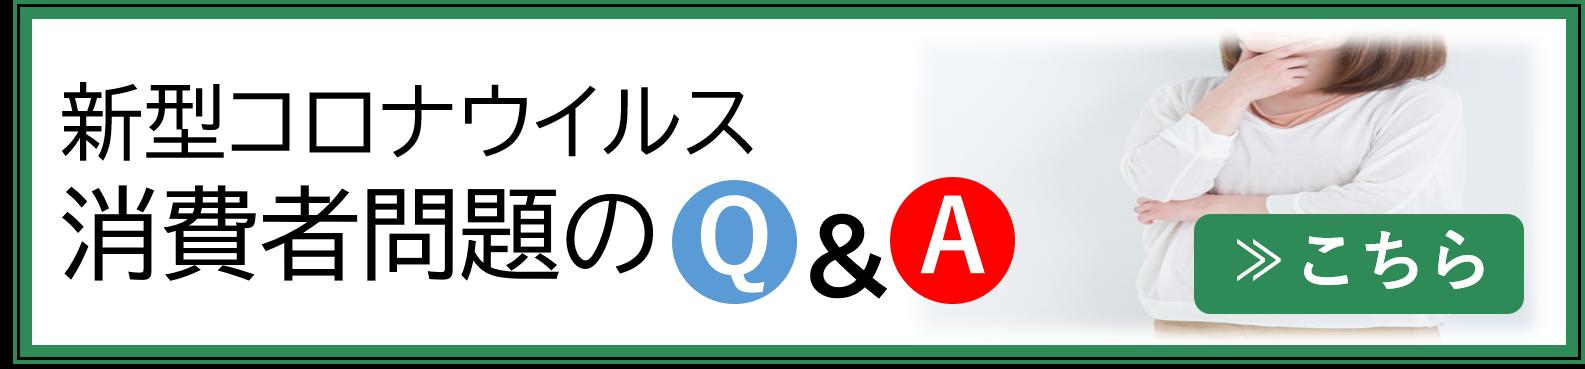 新型コロナウイルス消費者問題Q&A